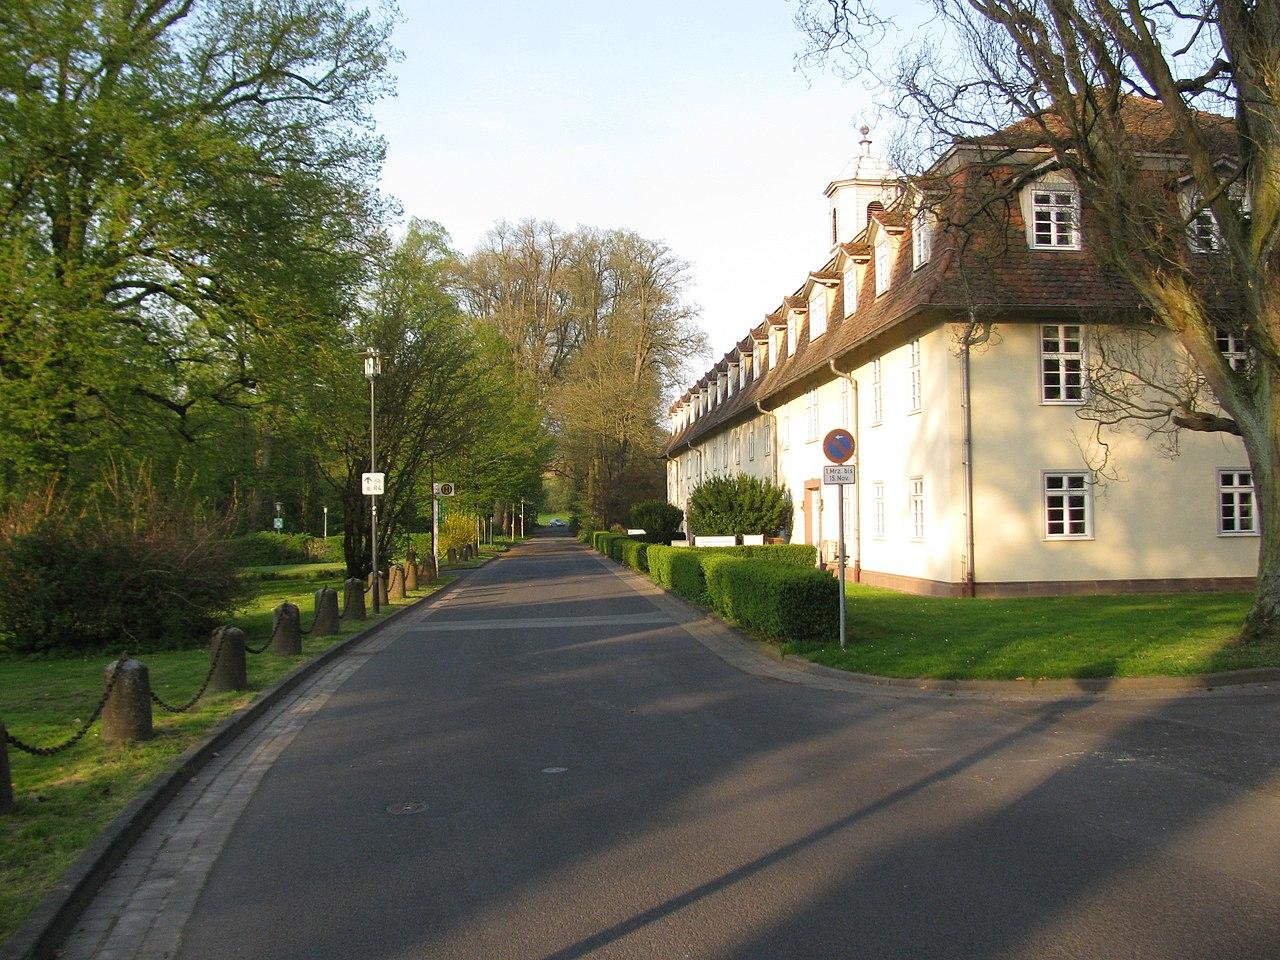 Ev Akademie